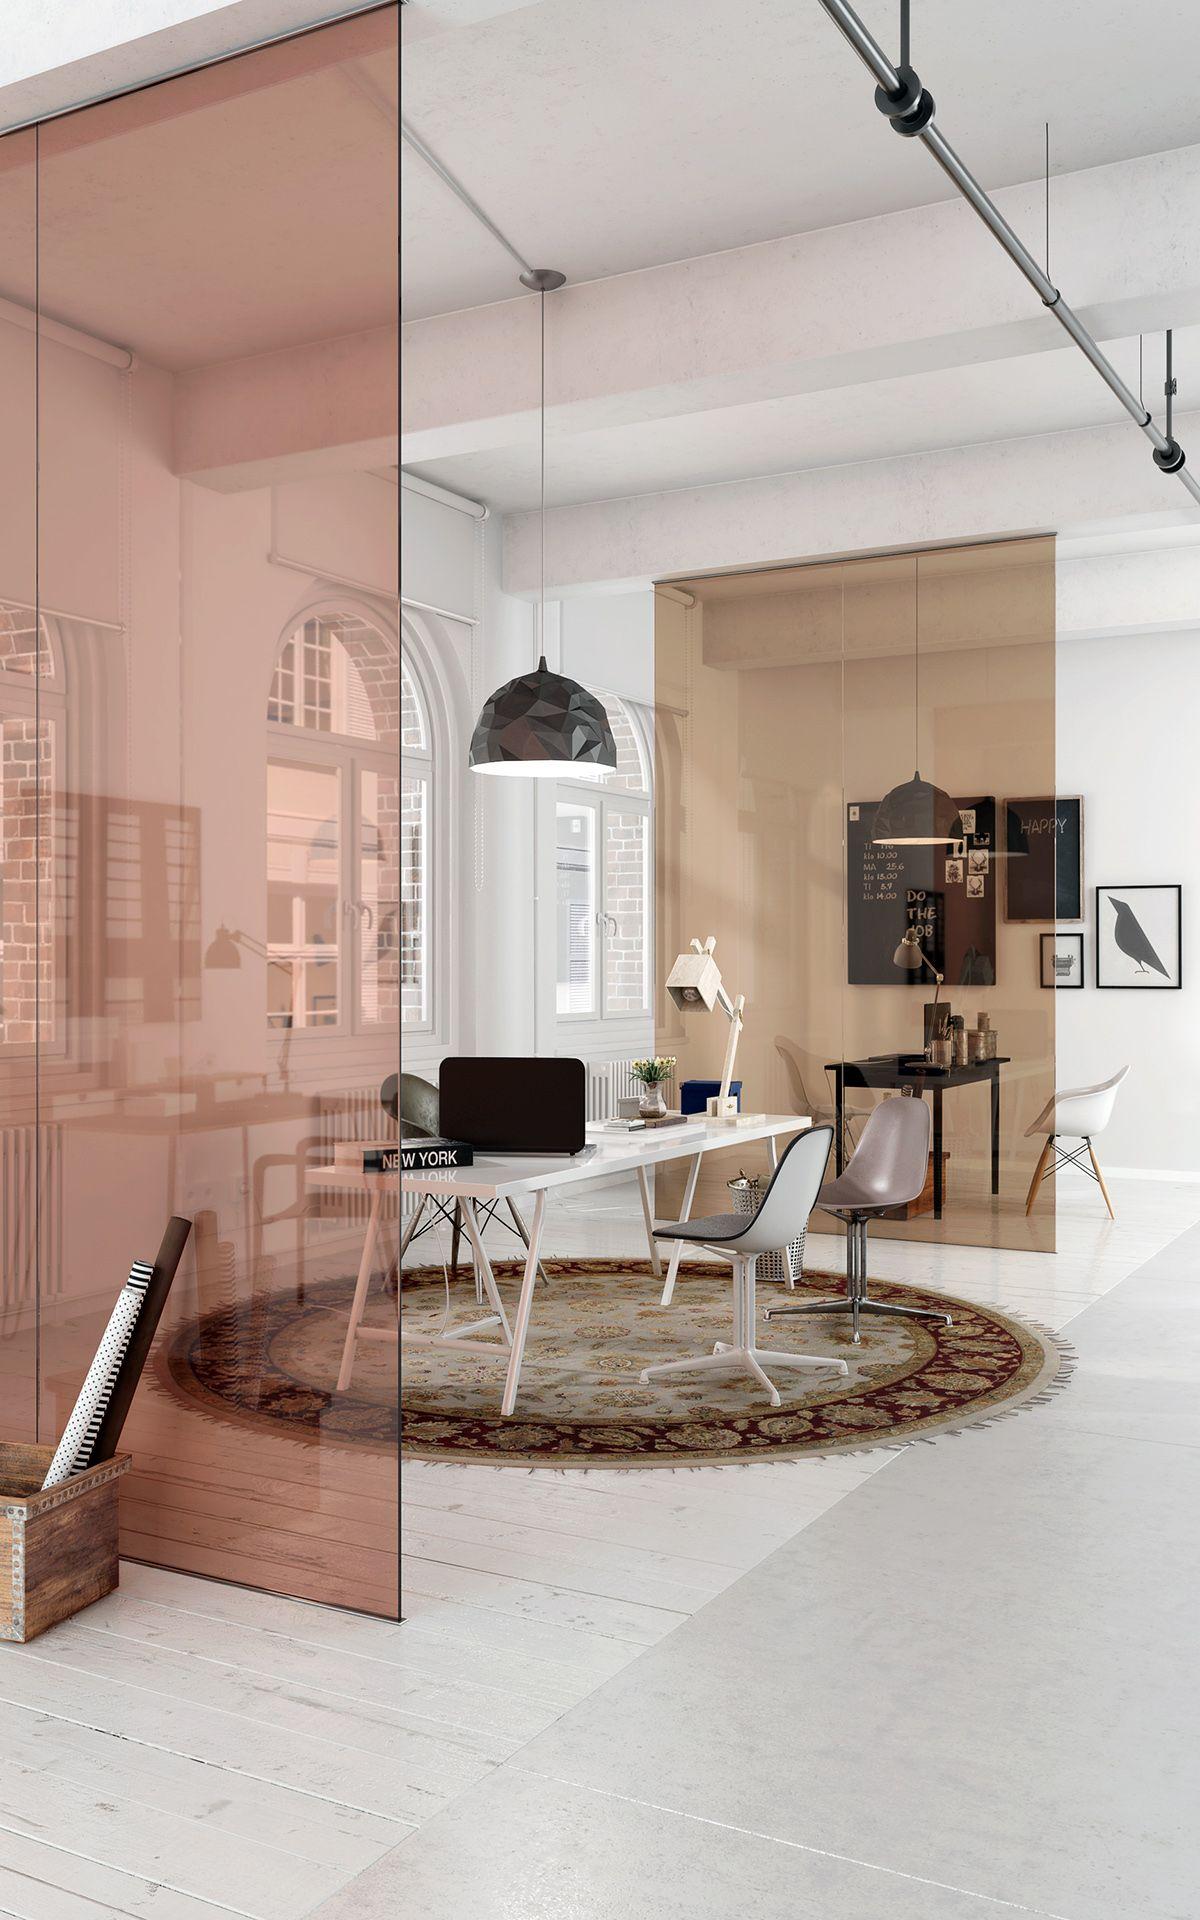 Sparbanken Rekarne use idea as desk dividers angle desk spaces